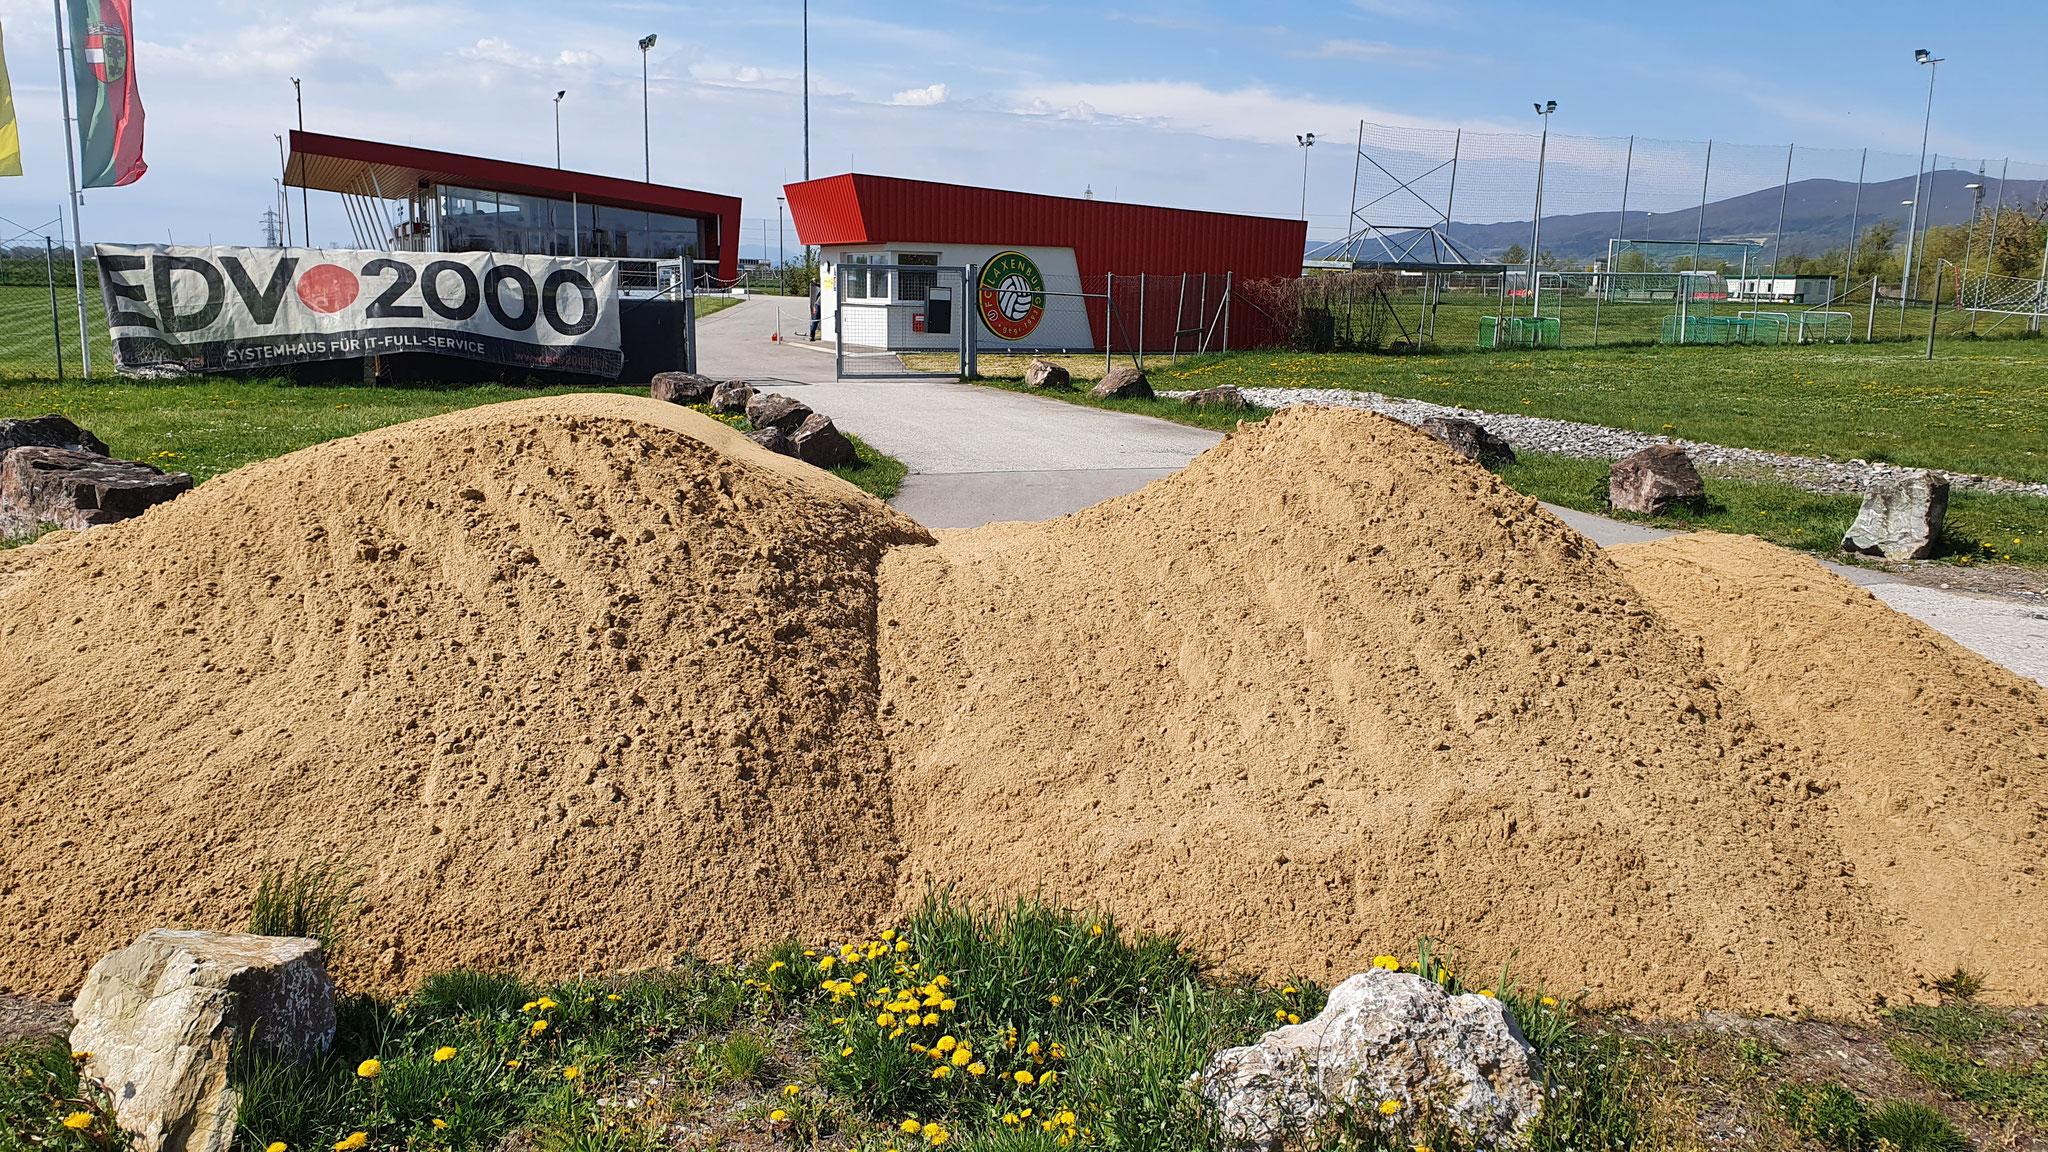 Sand für eine ebene Spielfläche